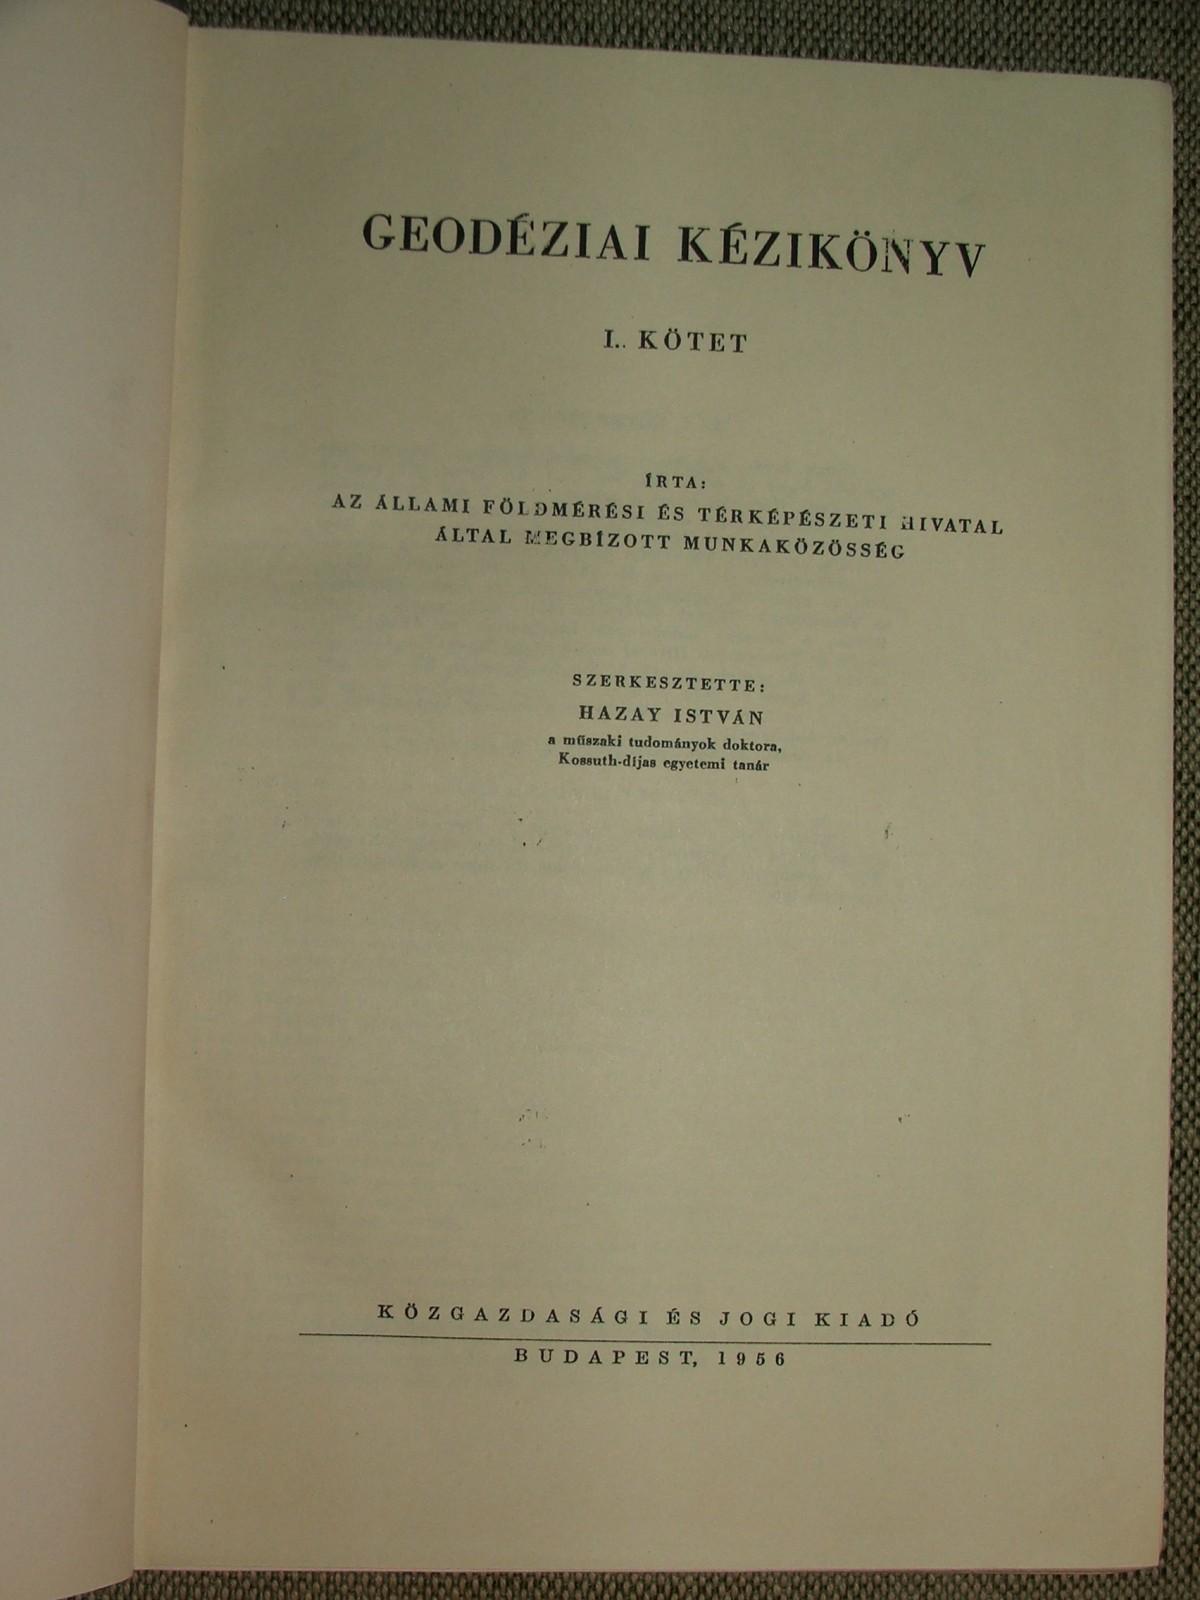 HAZAY István szerk.: Geodéziai kézikönyv I. kötet